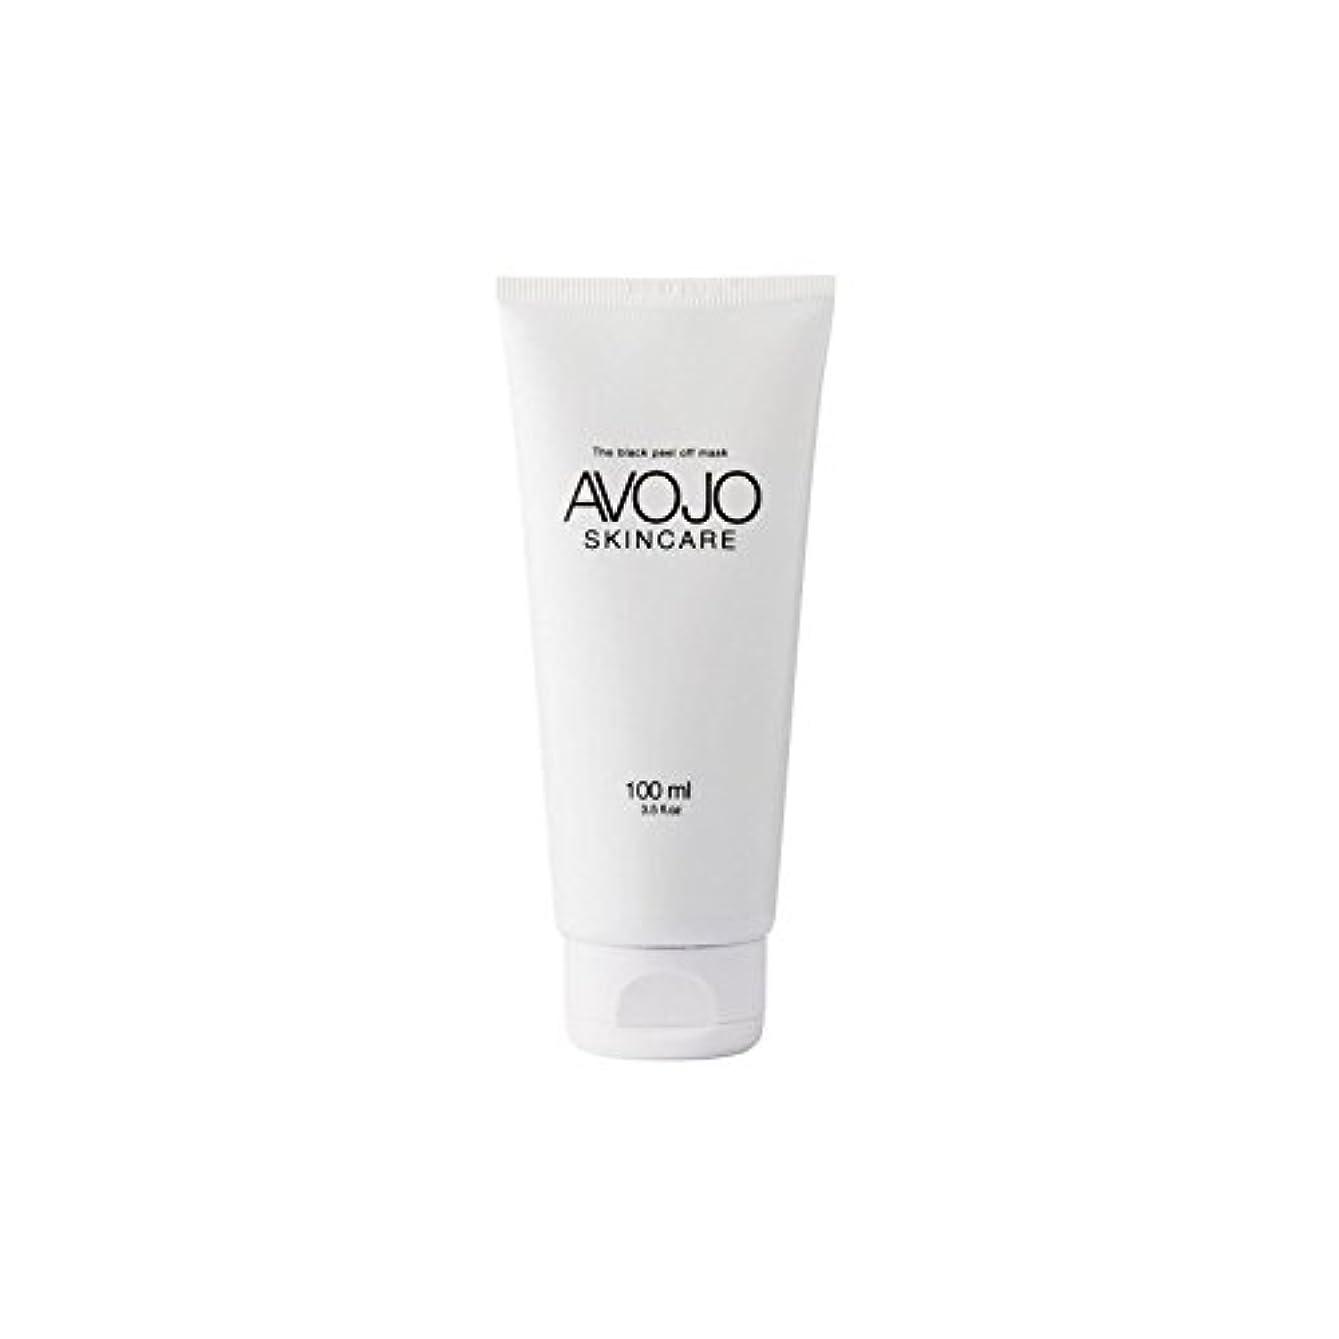 なめるカプラールート- 黒皮オフマスク - (ボトル100ミリリットル) x2 - Avojo - The Black Peel Off Mask - (Bottle 100ml) (Pack of 2) [並行輸入品]